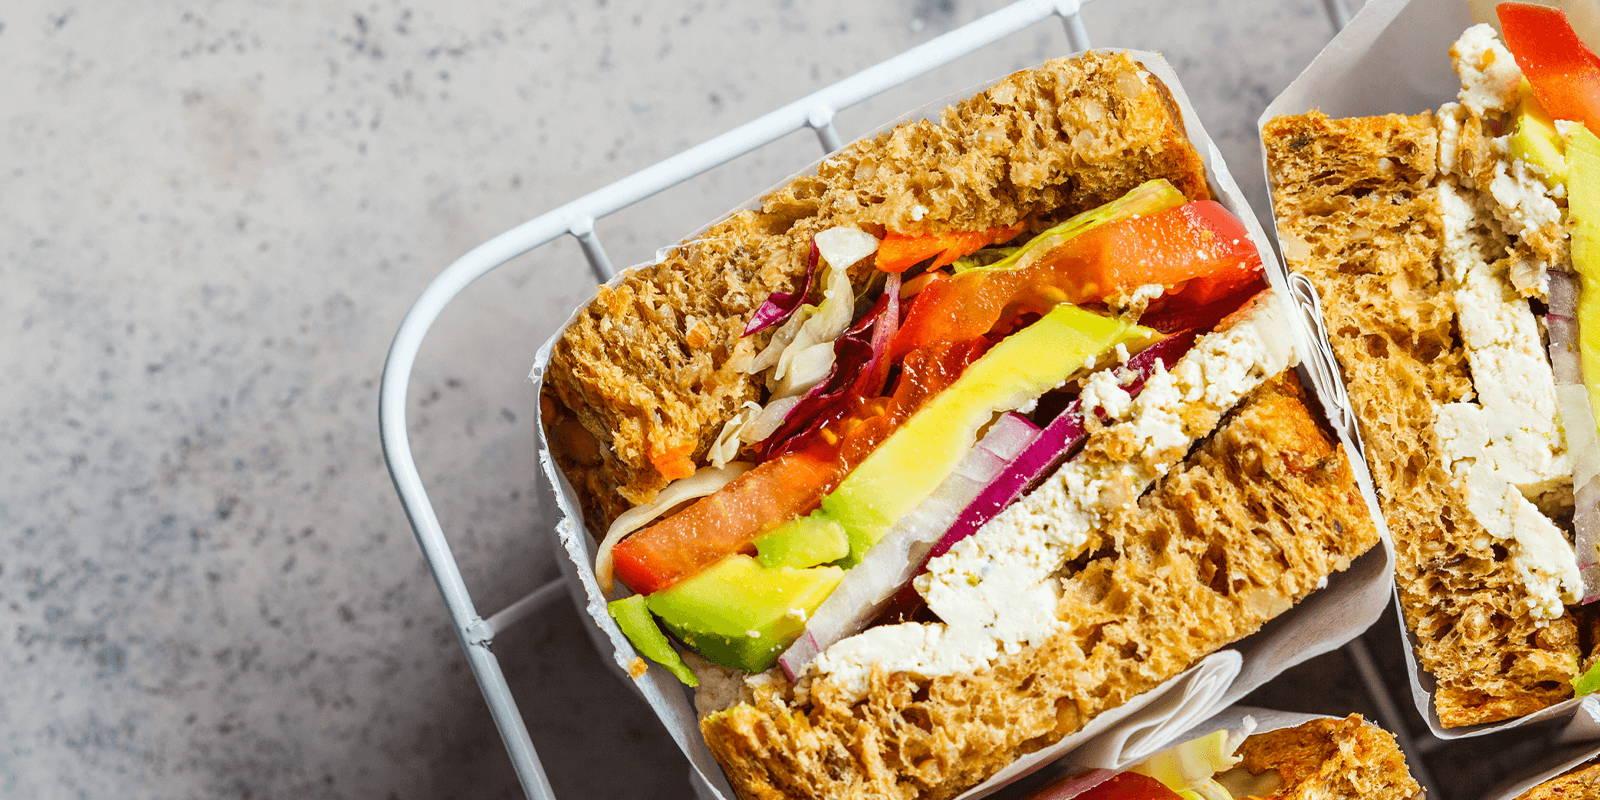 Sandwich cut in half on a platter.